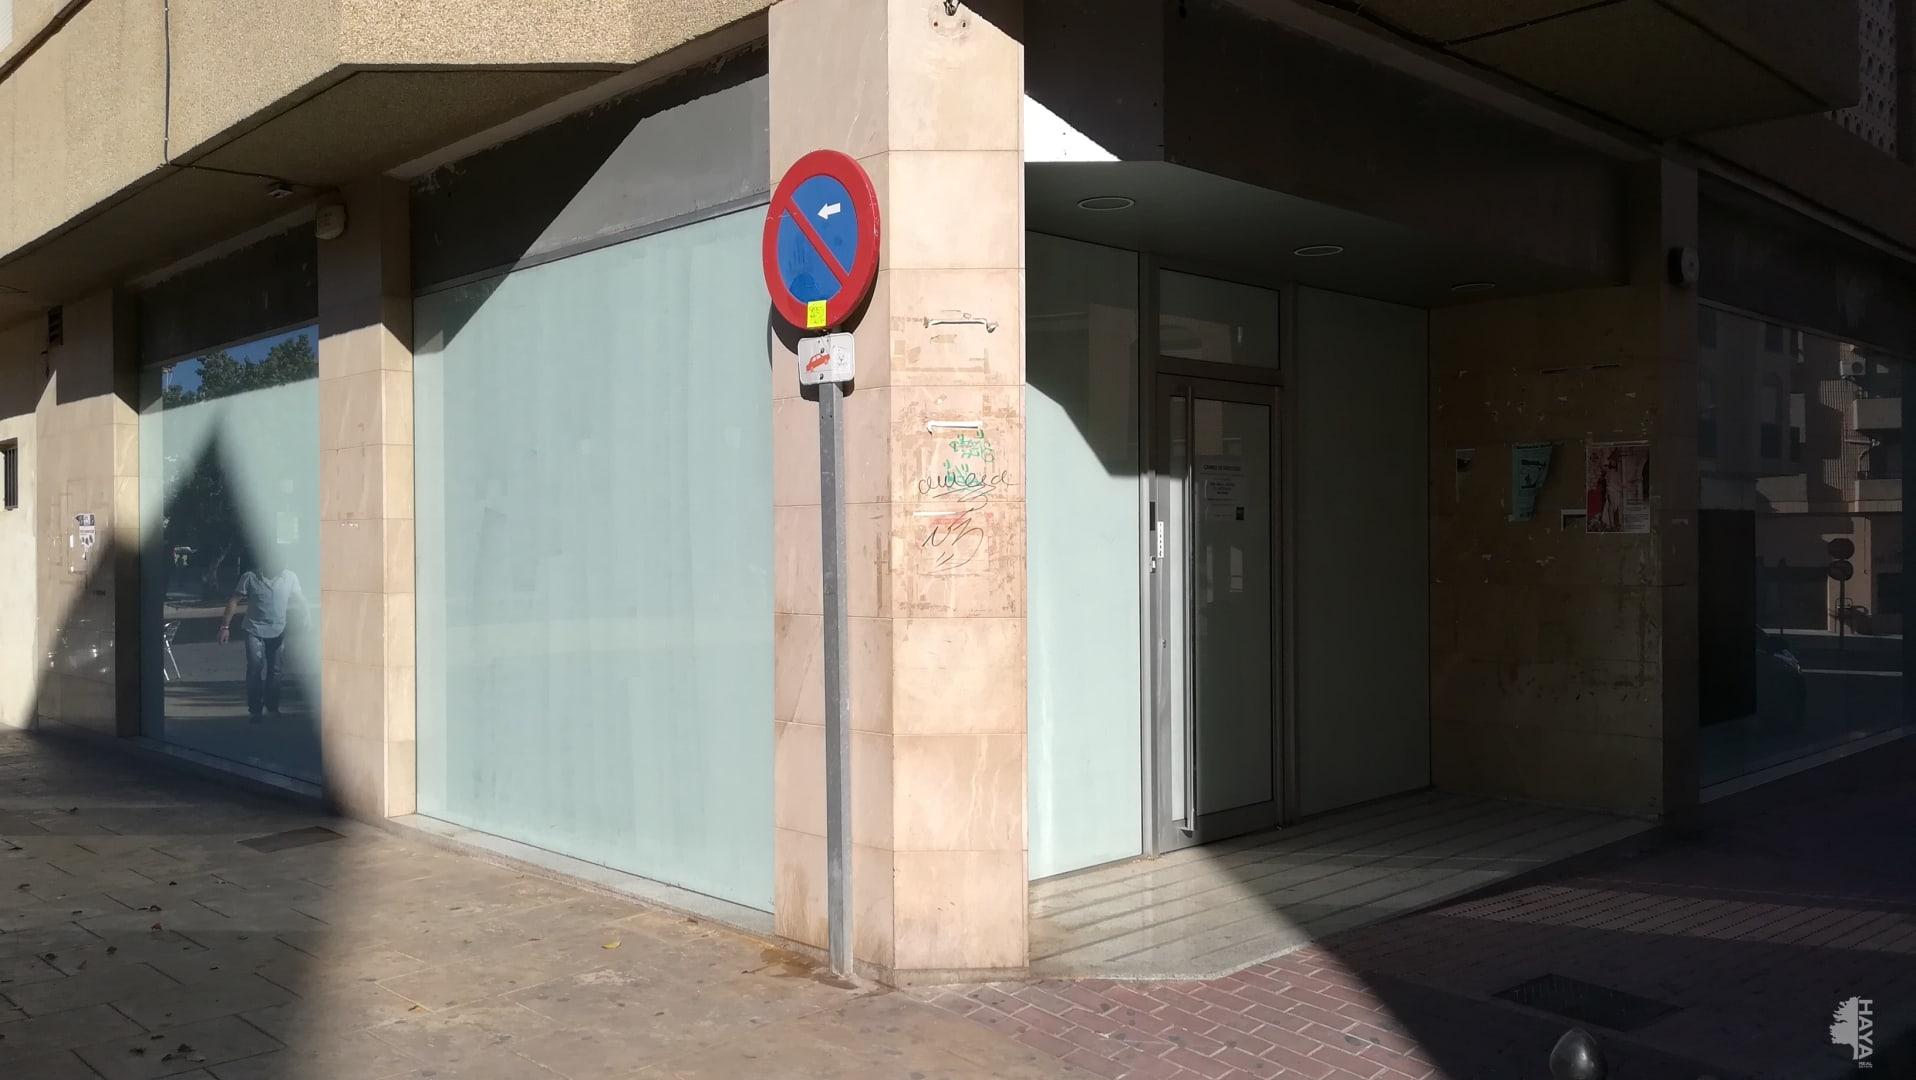 Local en venta en El Niño, Mula, Murcia, Calle Velazquez, 236.871 €, 224 m2